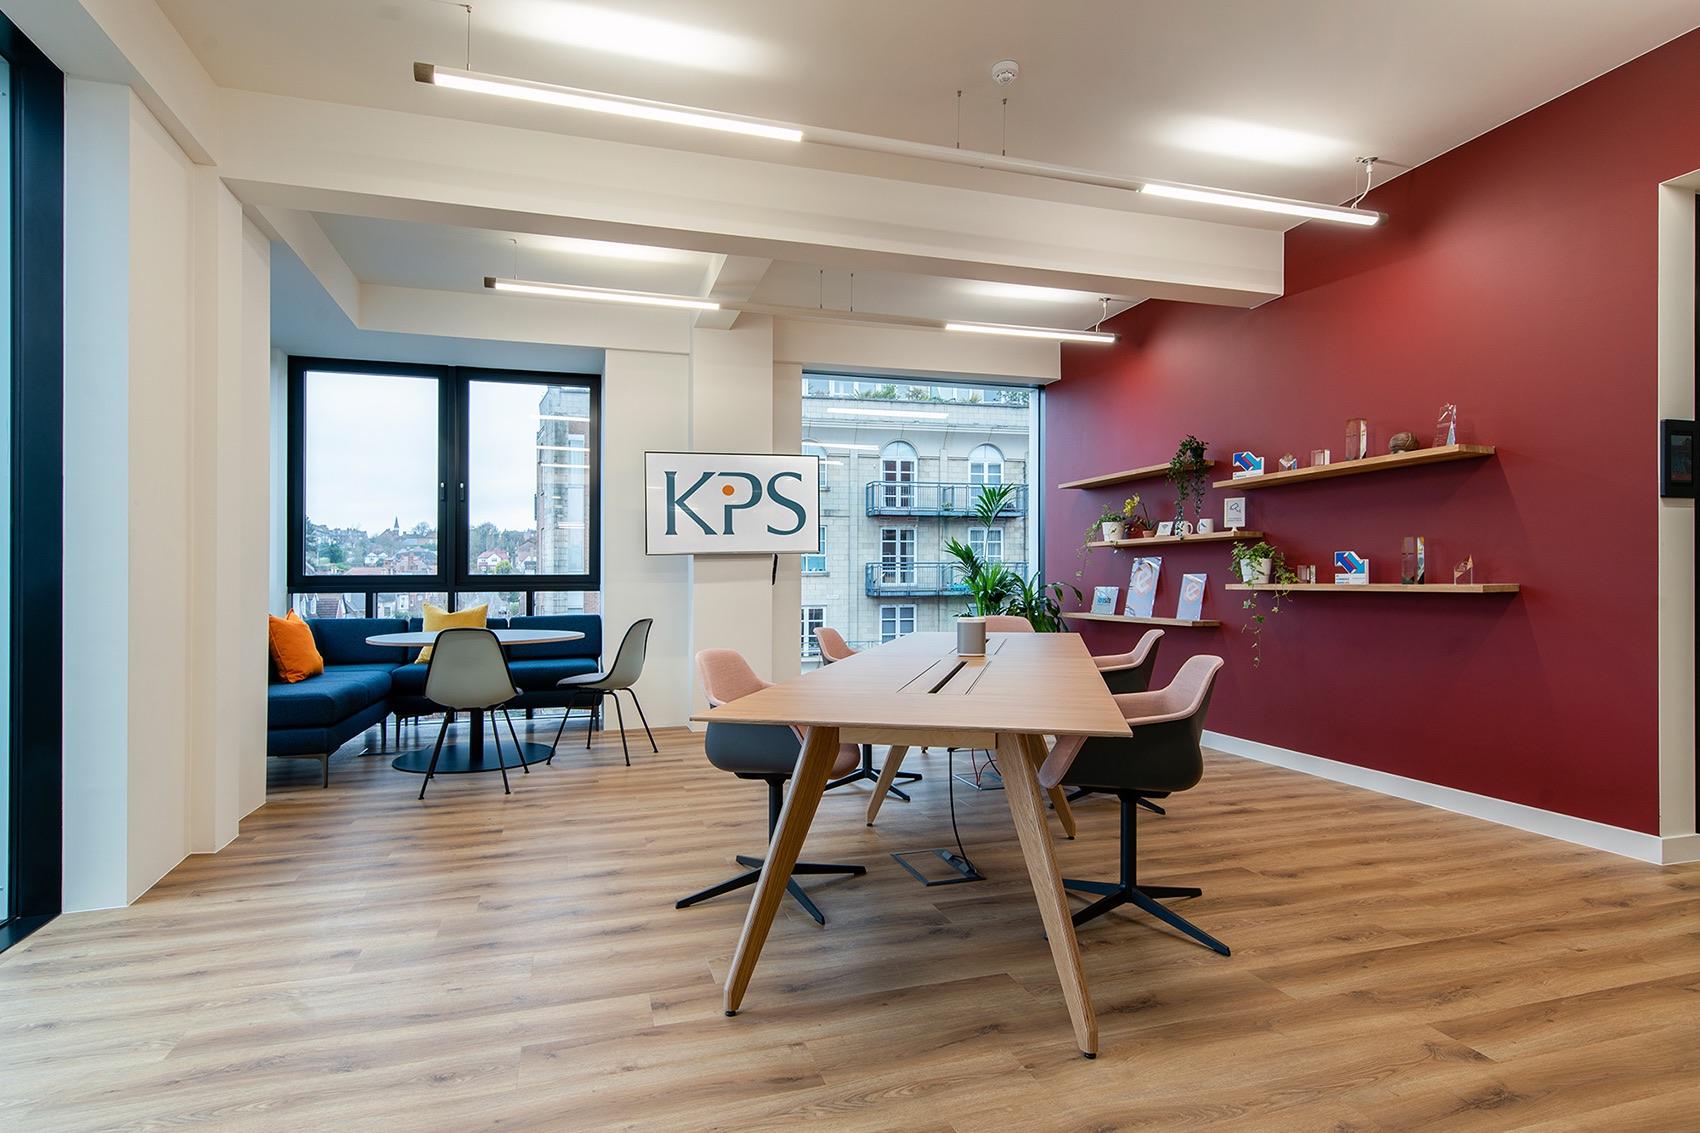 kps-media-office-2